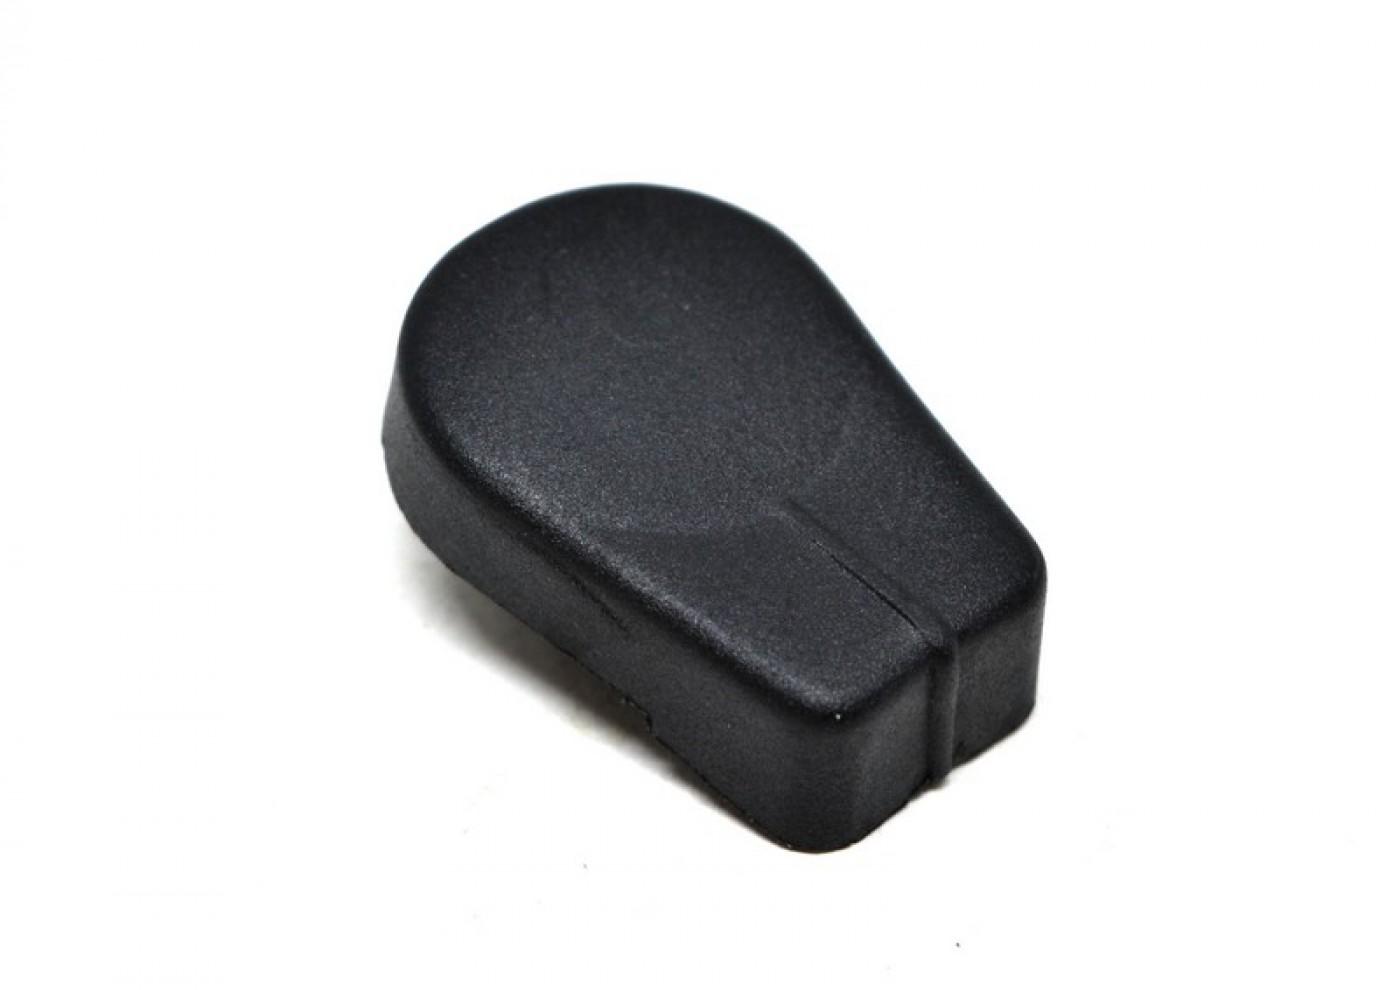 Západka krytu filtra Stihl MS340 MS360 034 036